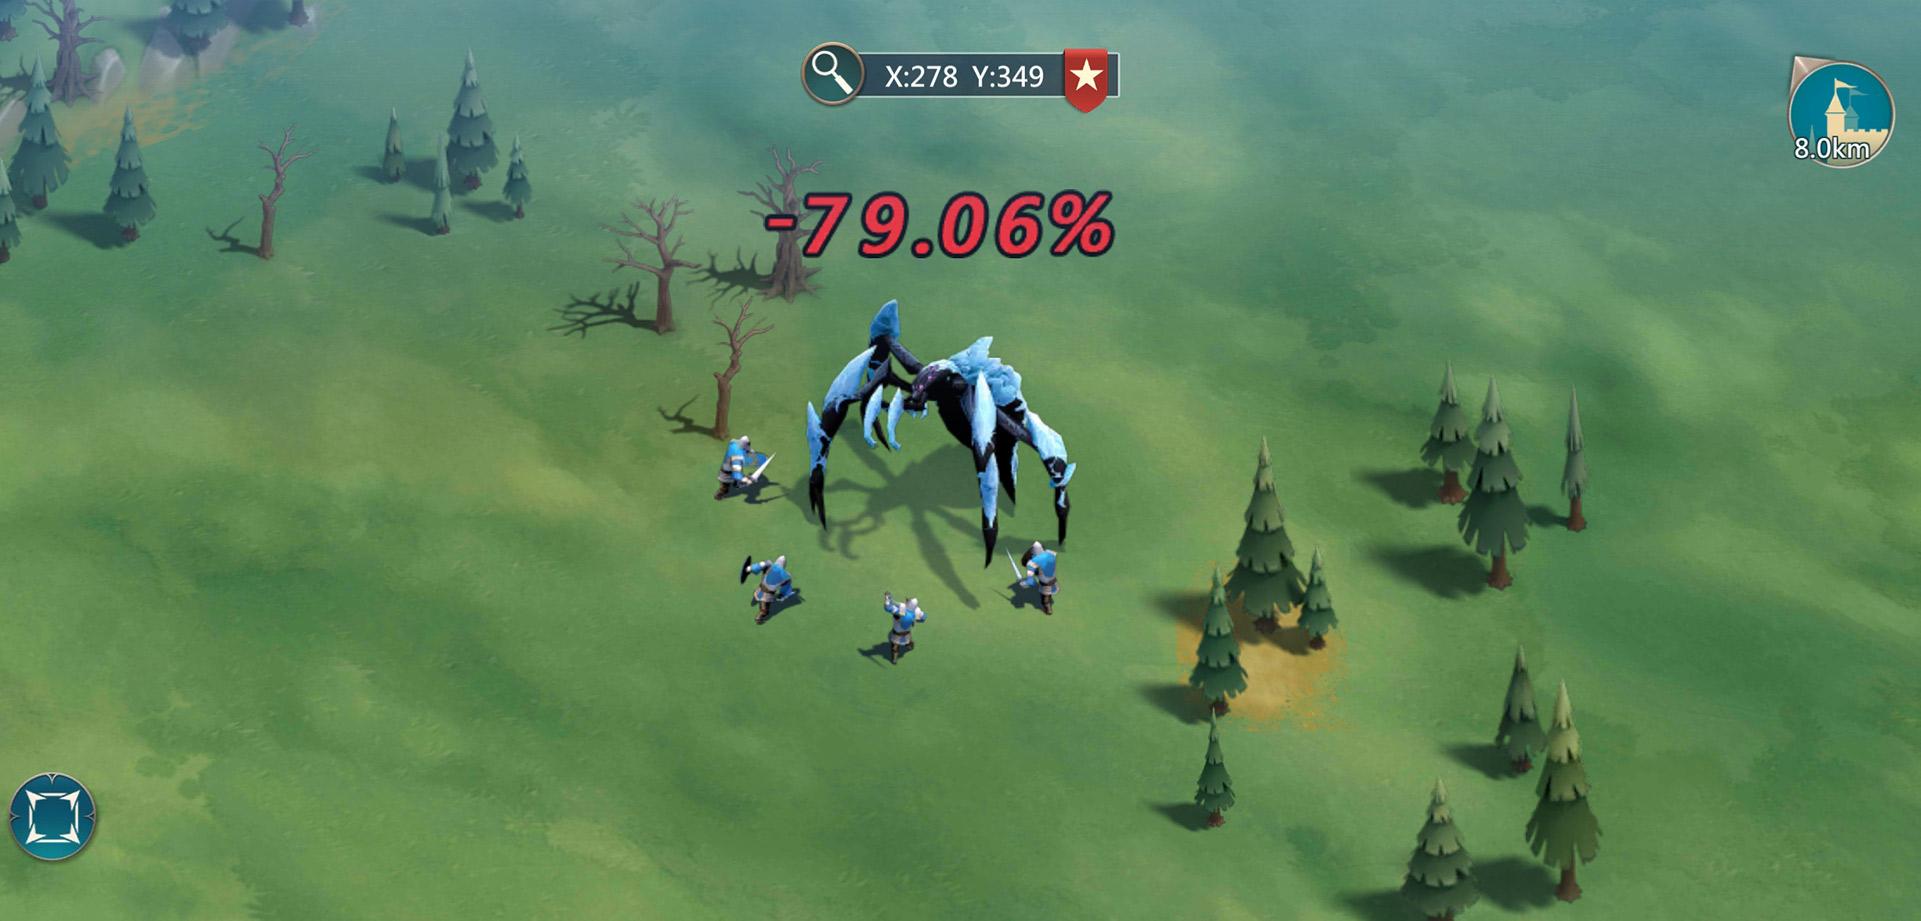 Monsterkampf Mobile Royale